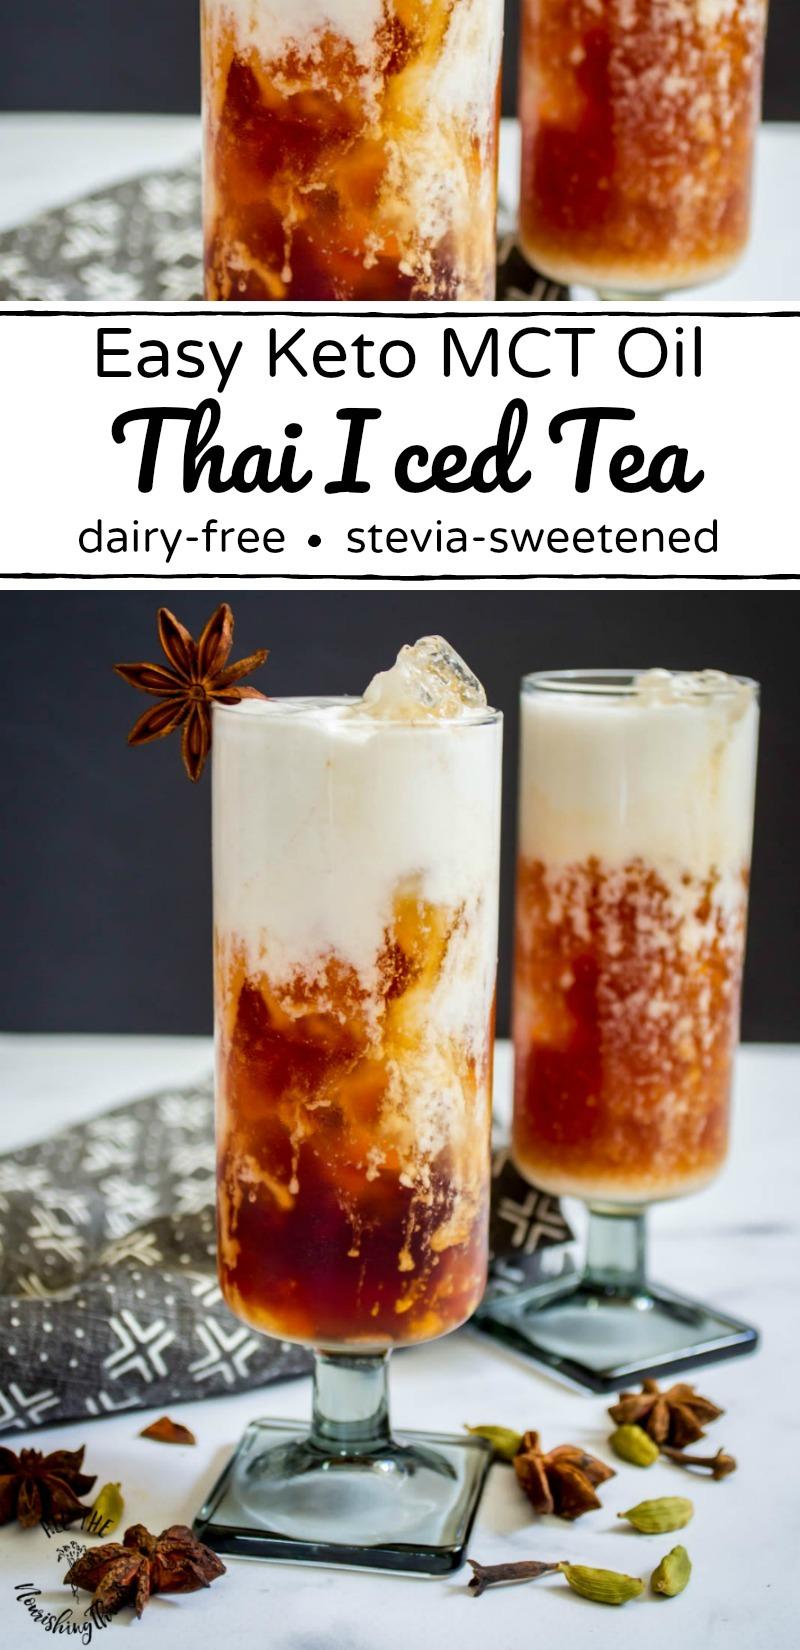 mct oil keto thai iced tea with text overlay